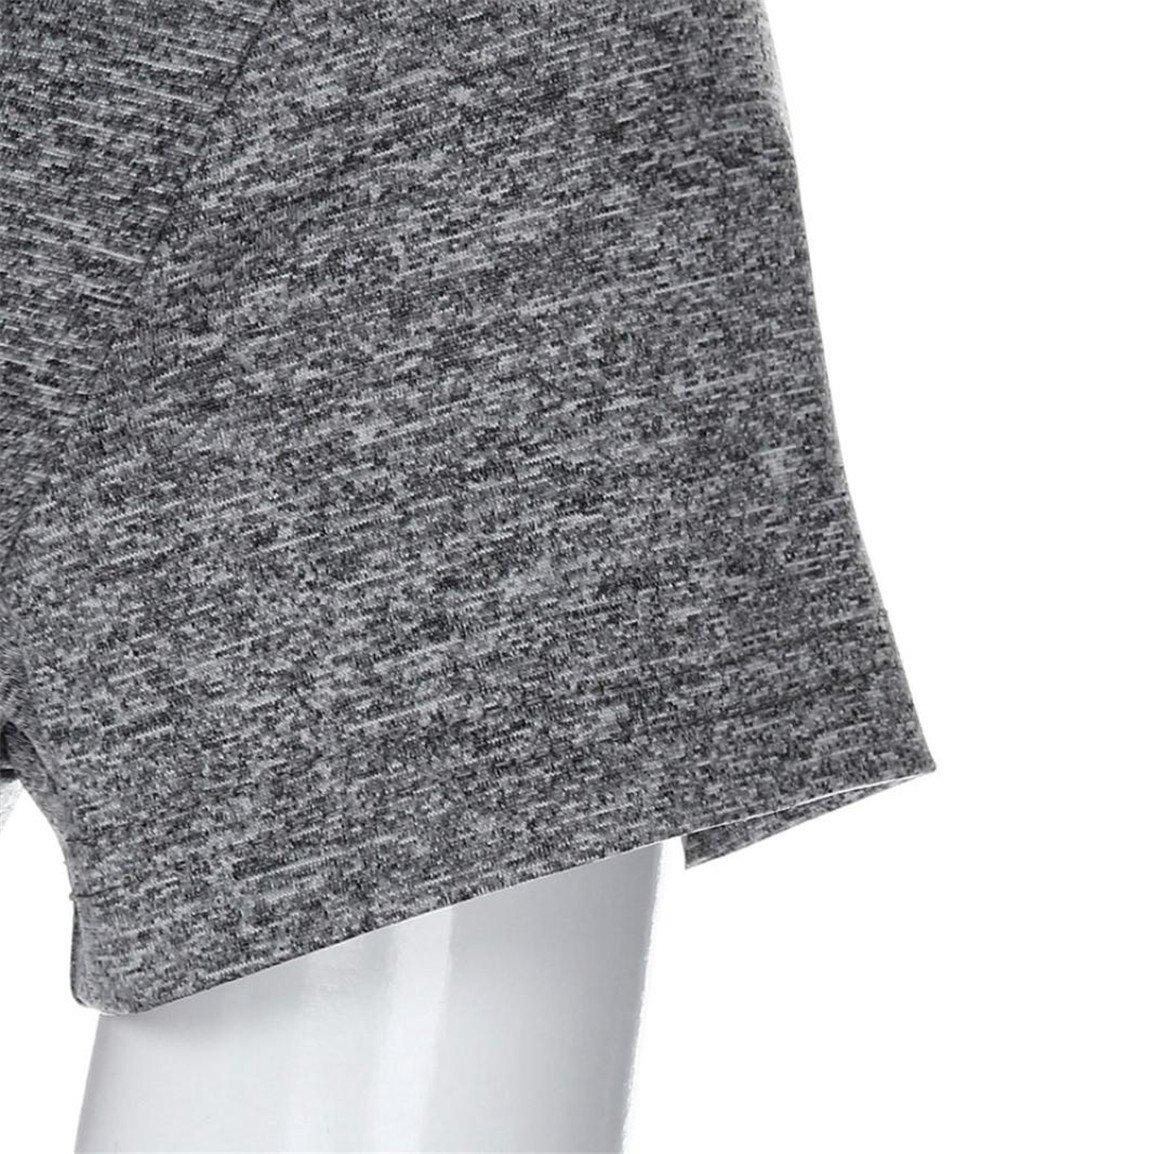 Bellelove Femmes Crop Top Femelle Manches Courtes Blouse O-Cou Solide Pur Couleur 2018 Mode /Ét/é Printemps Tops Slim Tops pour Fille